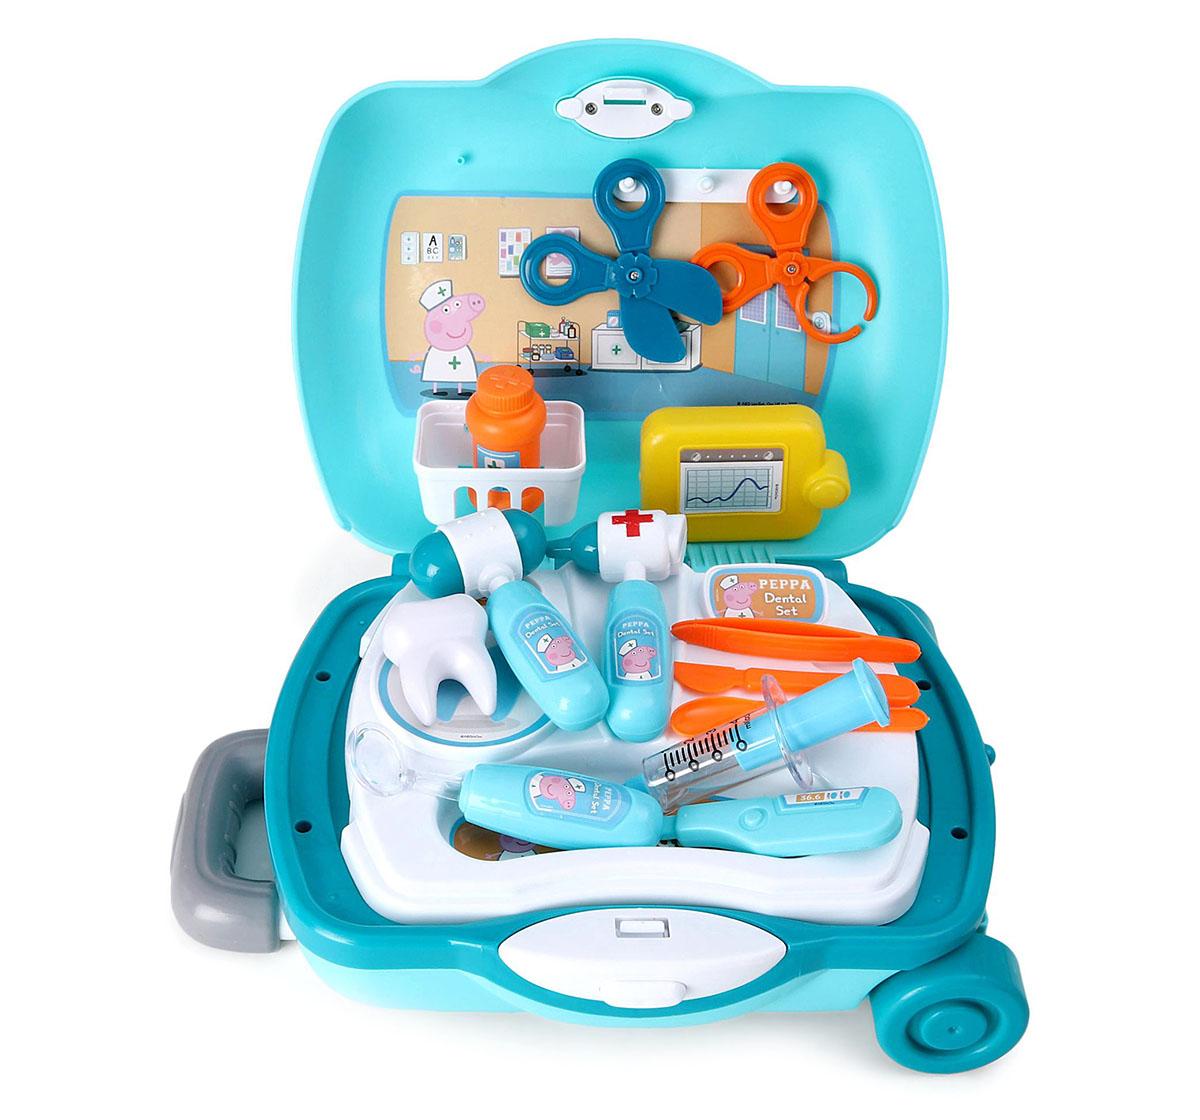 Peppa Pig   Peppa Dental Set with Trolley for Girls age 3Y+